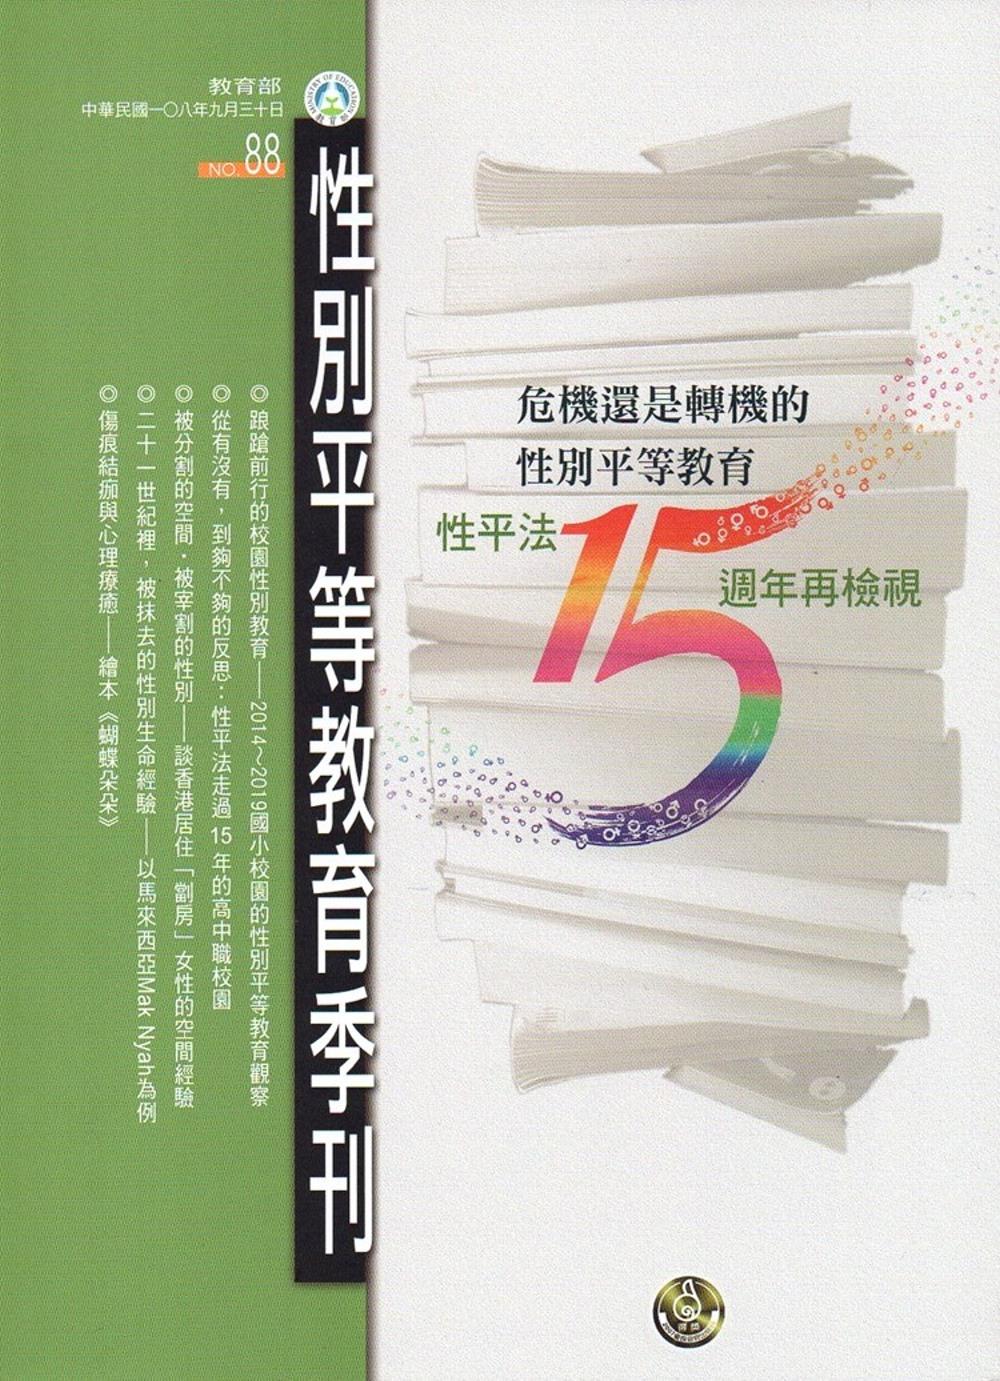 性別平等教育季刊88(2019.09)